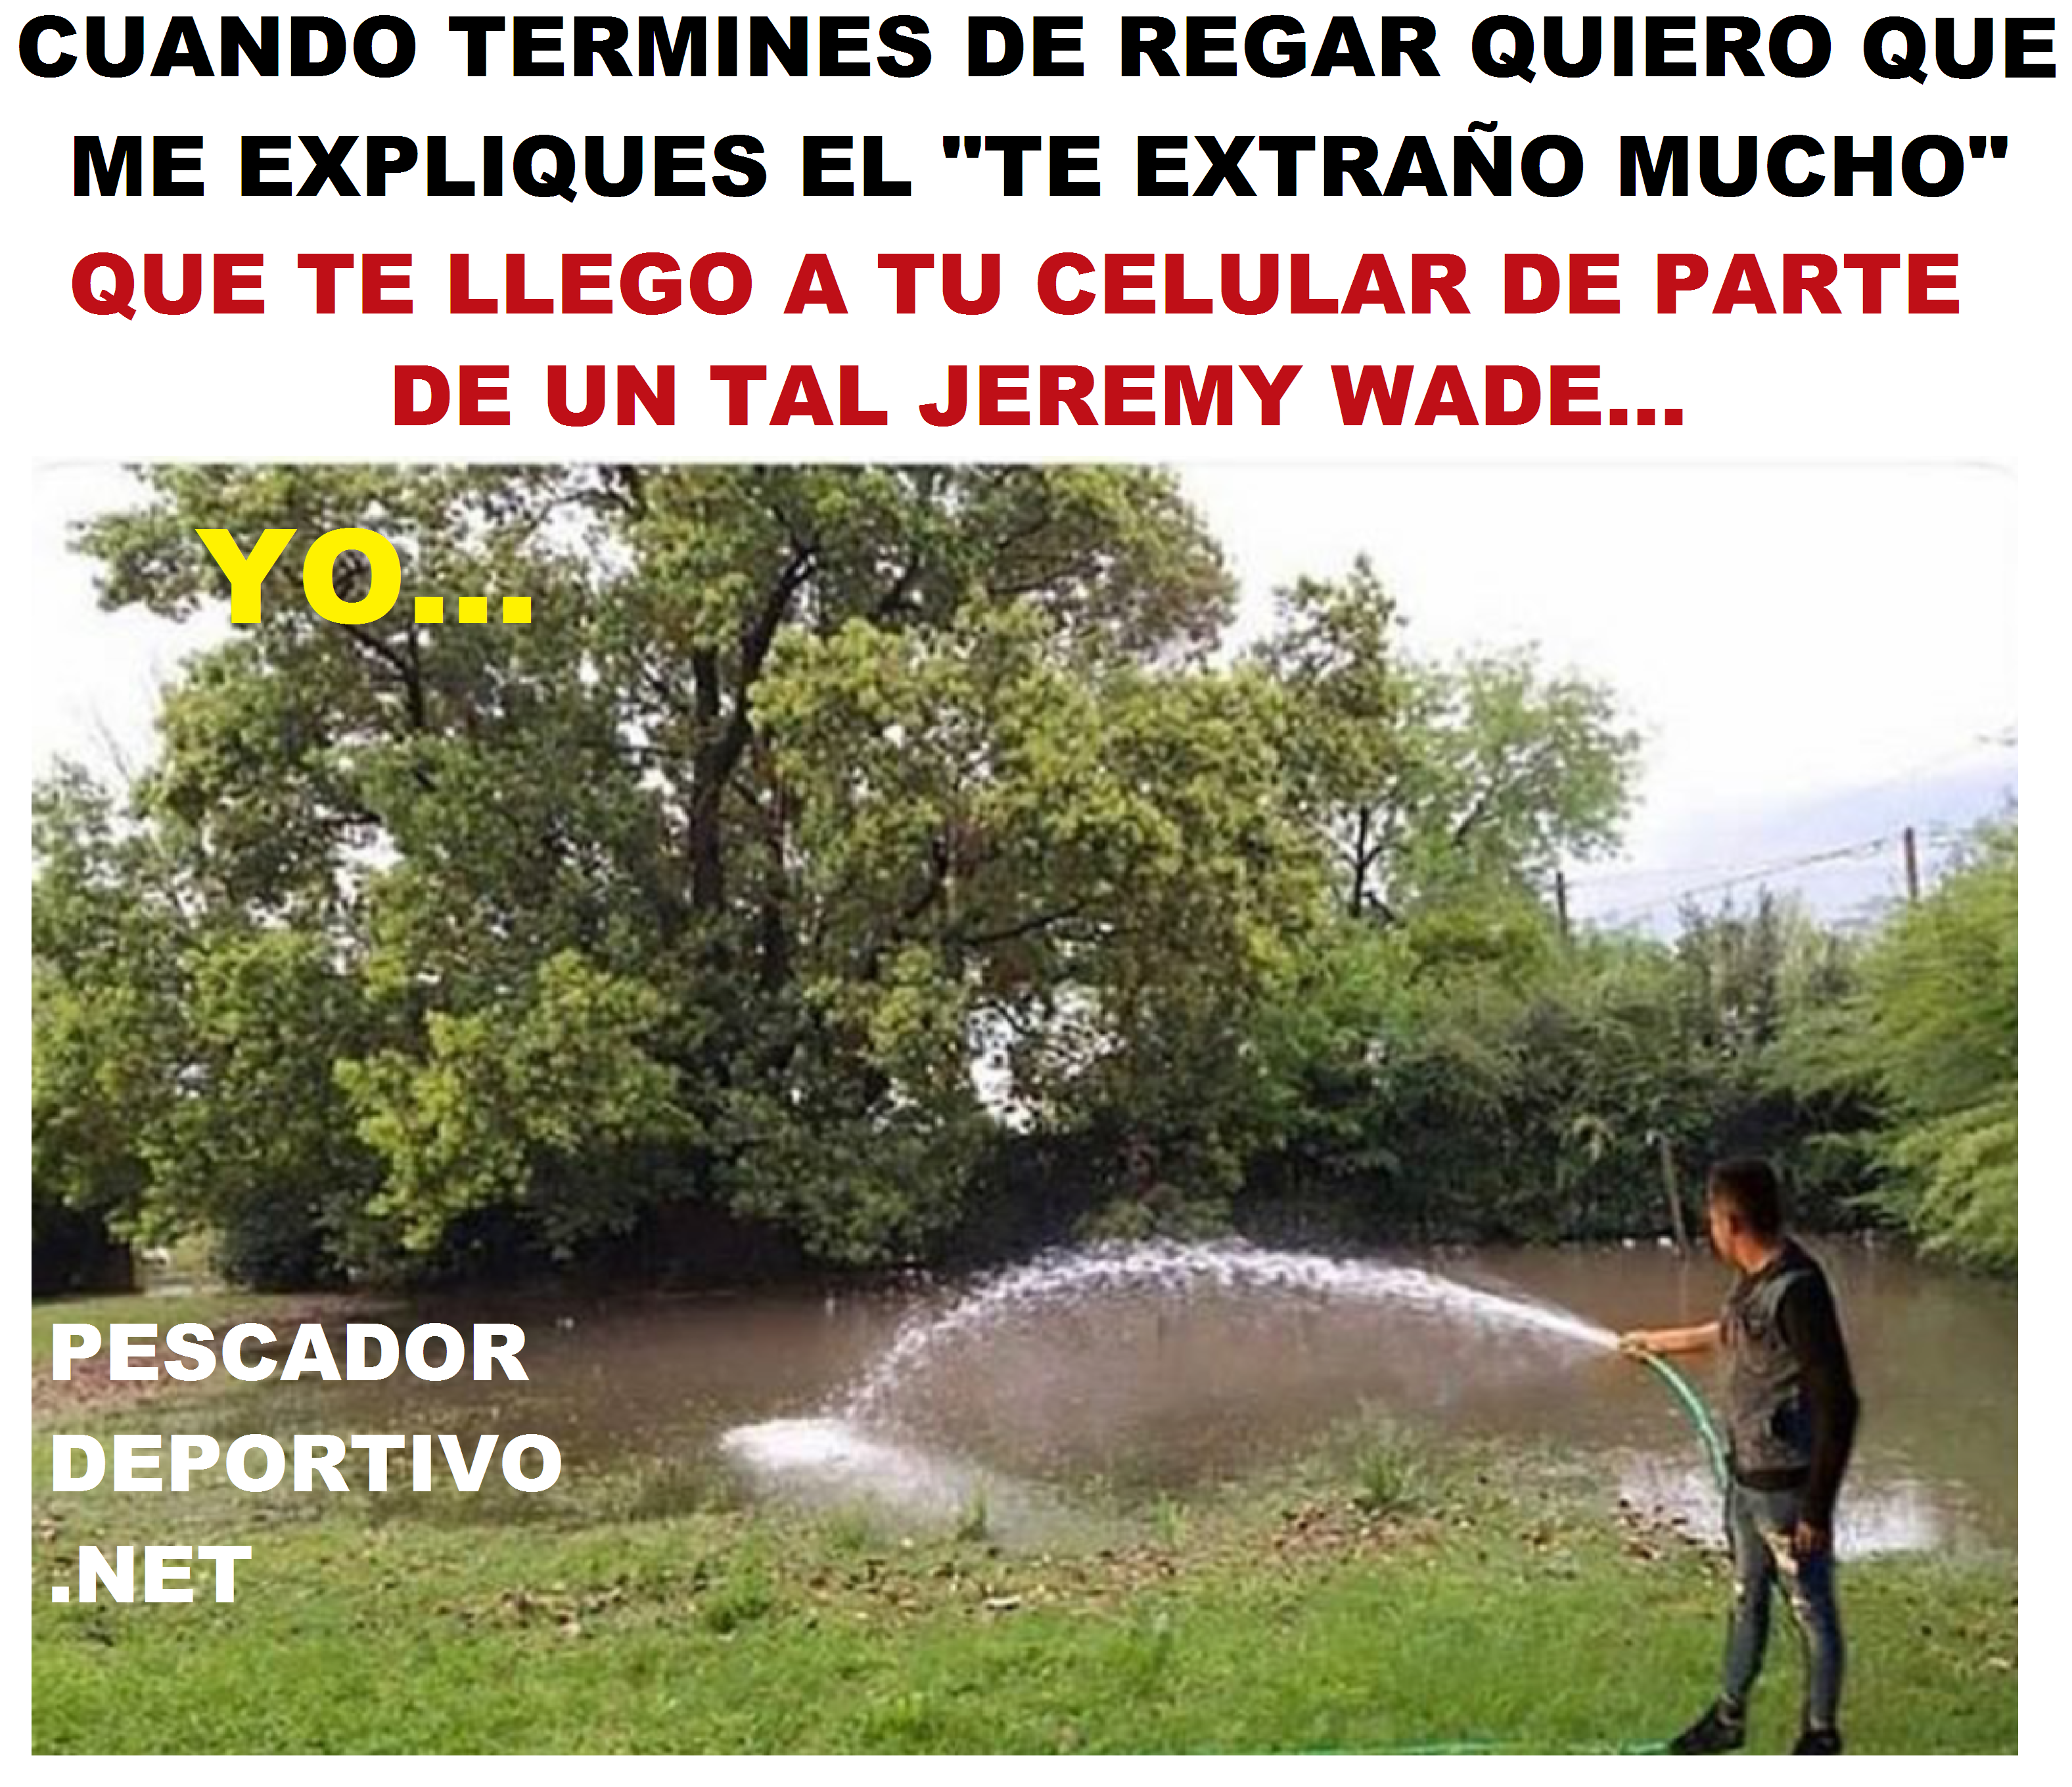 REGAR JEREMY WADE